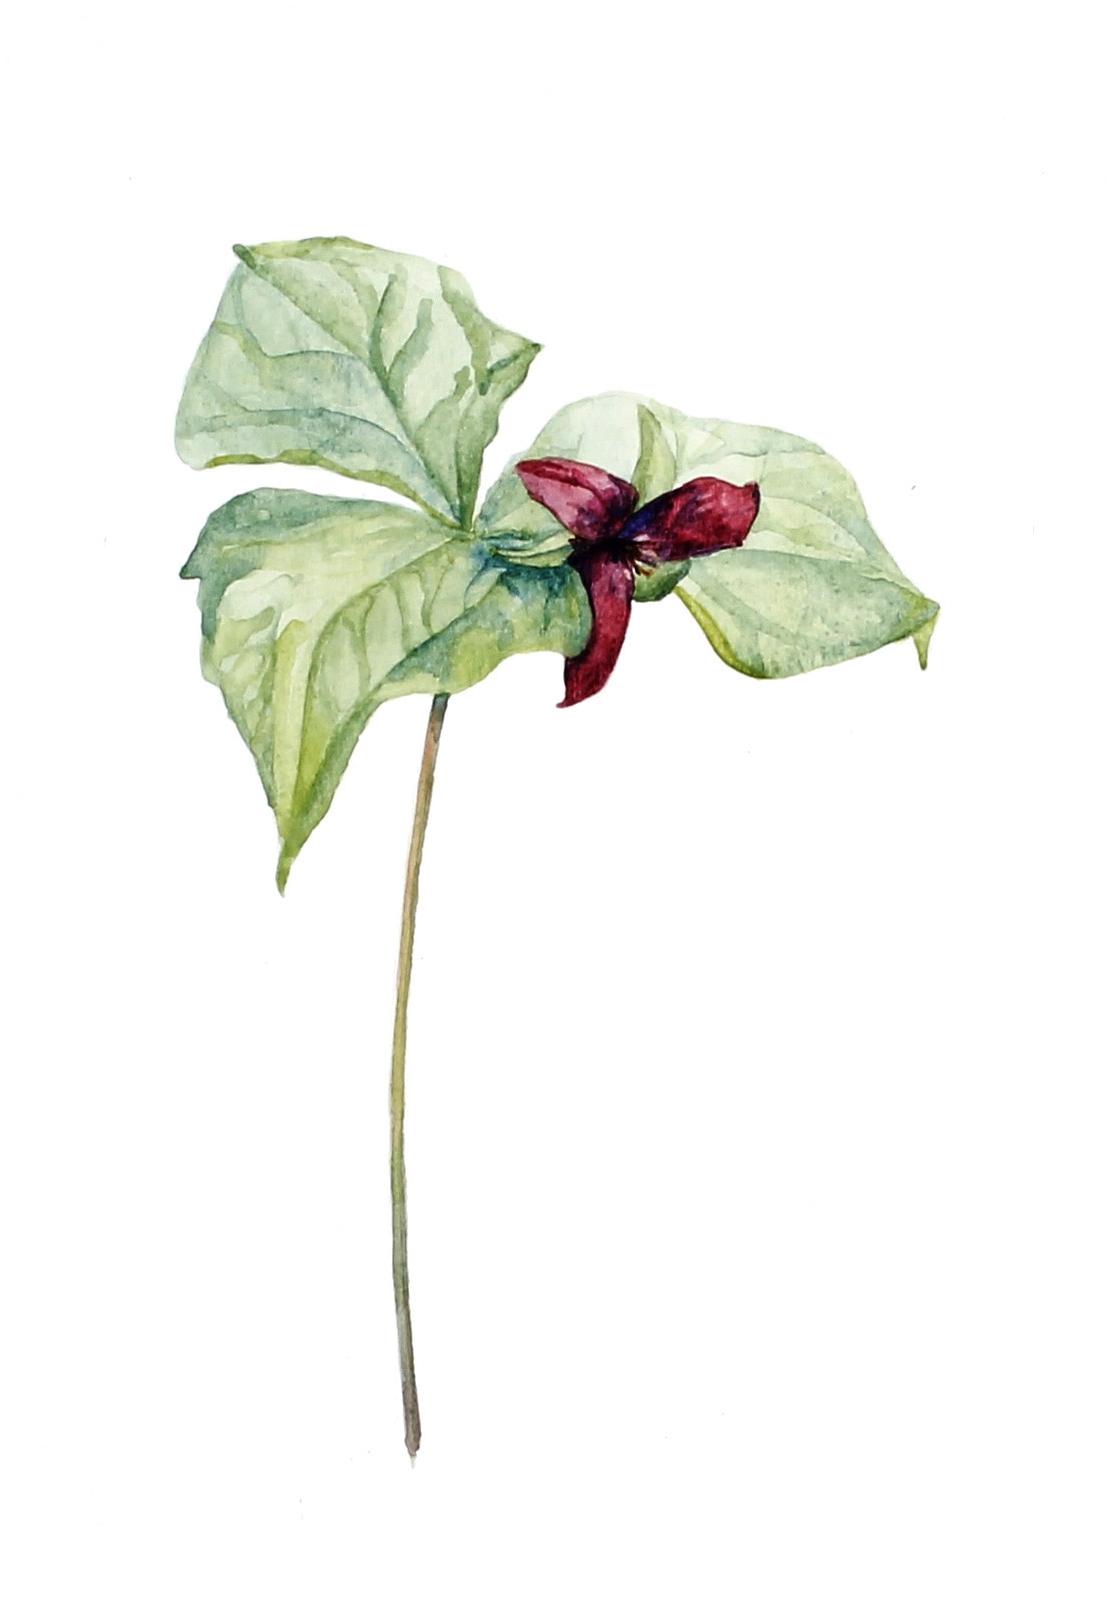 Trillium erectum    Red Trillium